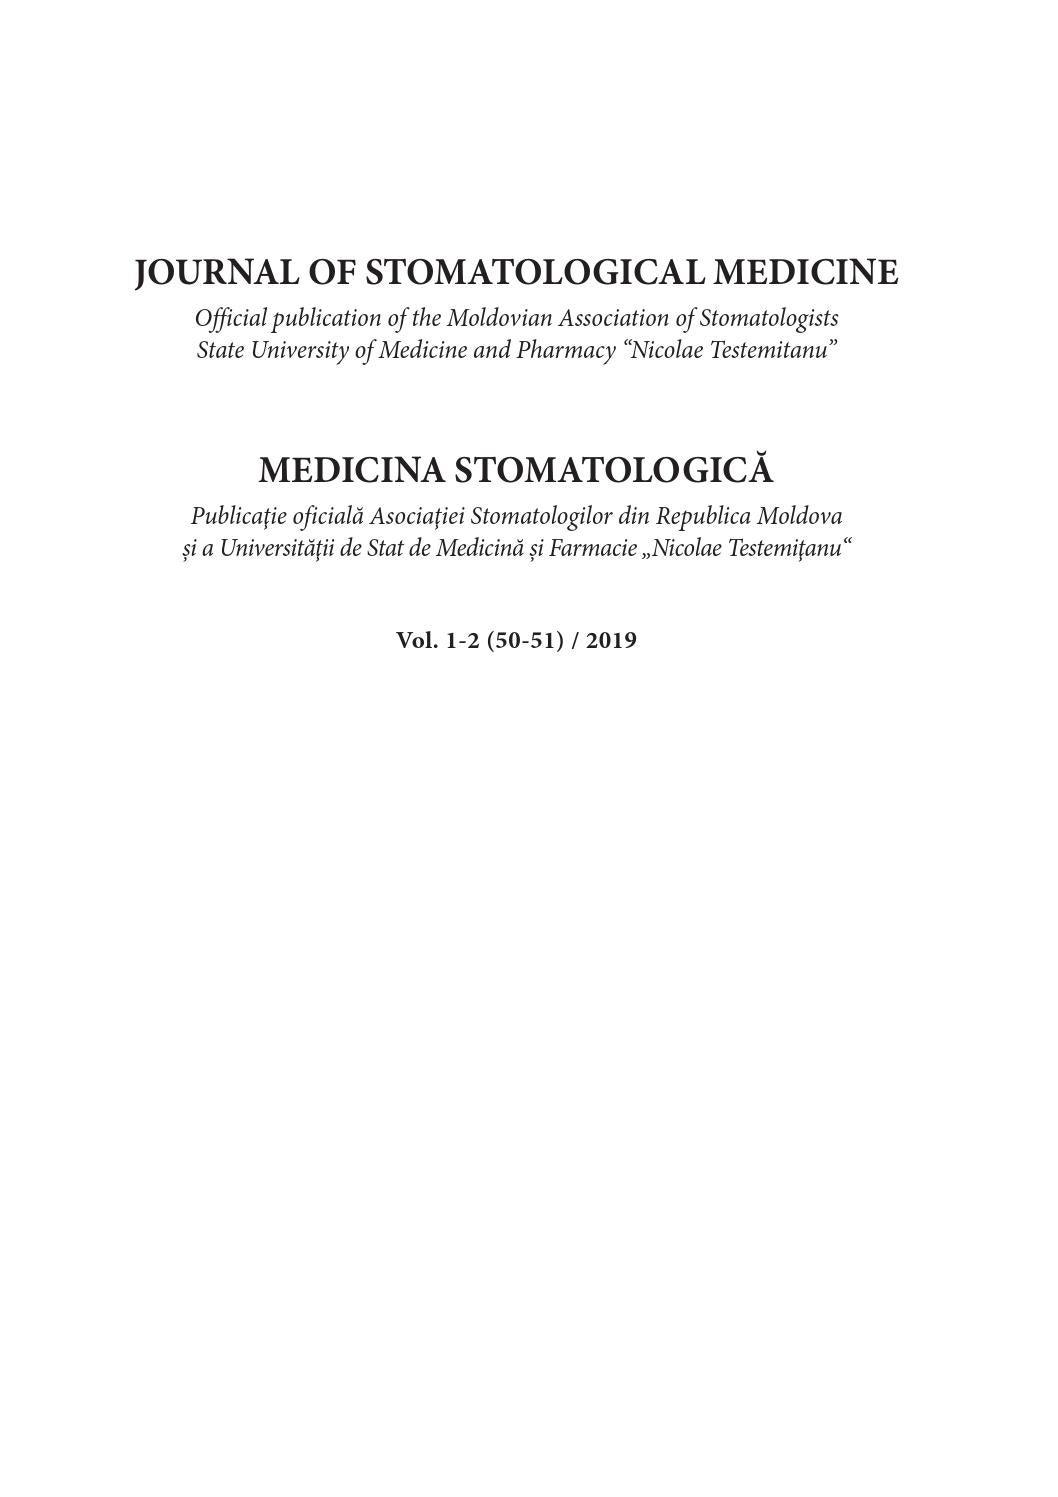 Infecția parodontală – factor declanșator al poliartritei reumatoide? [studiu]